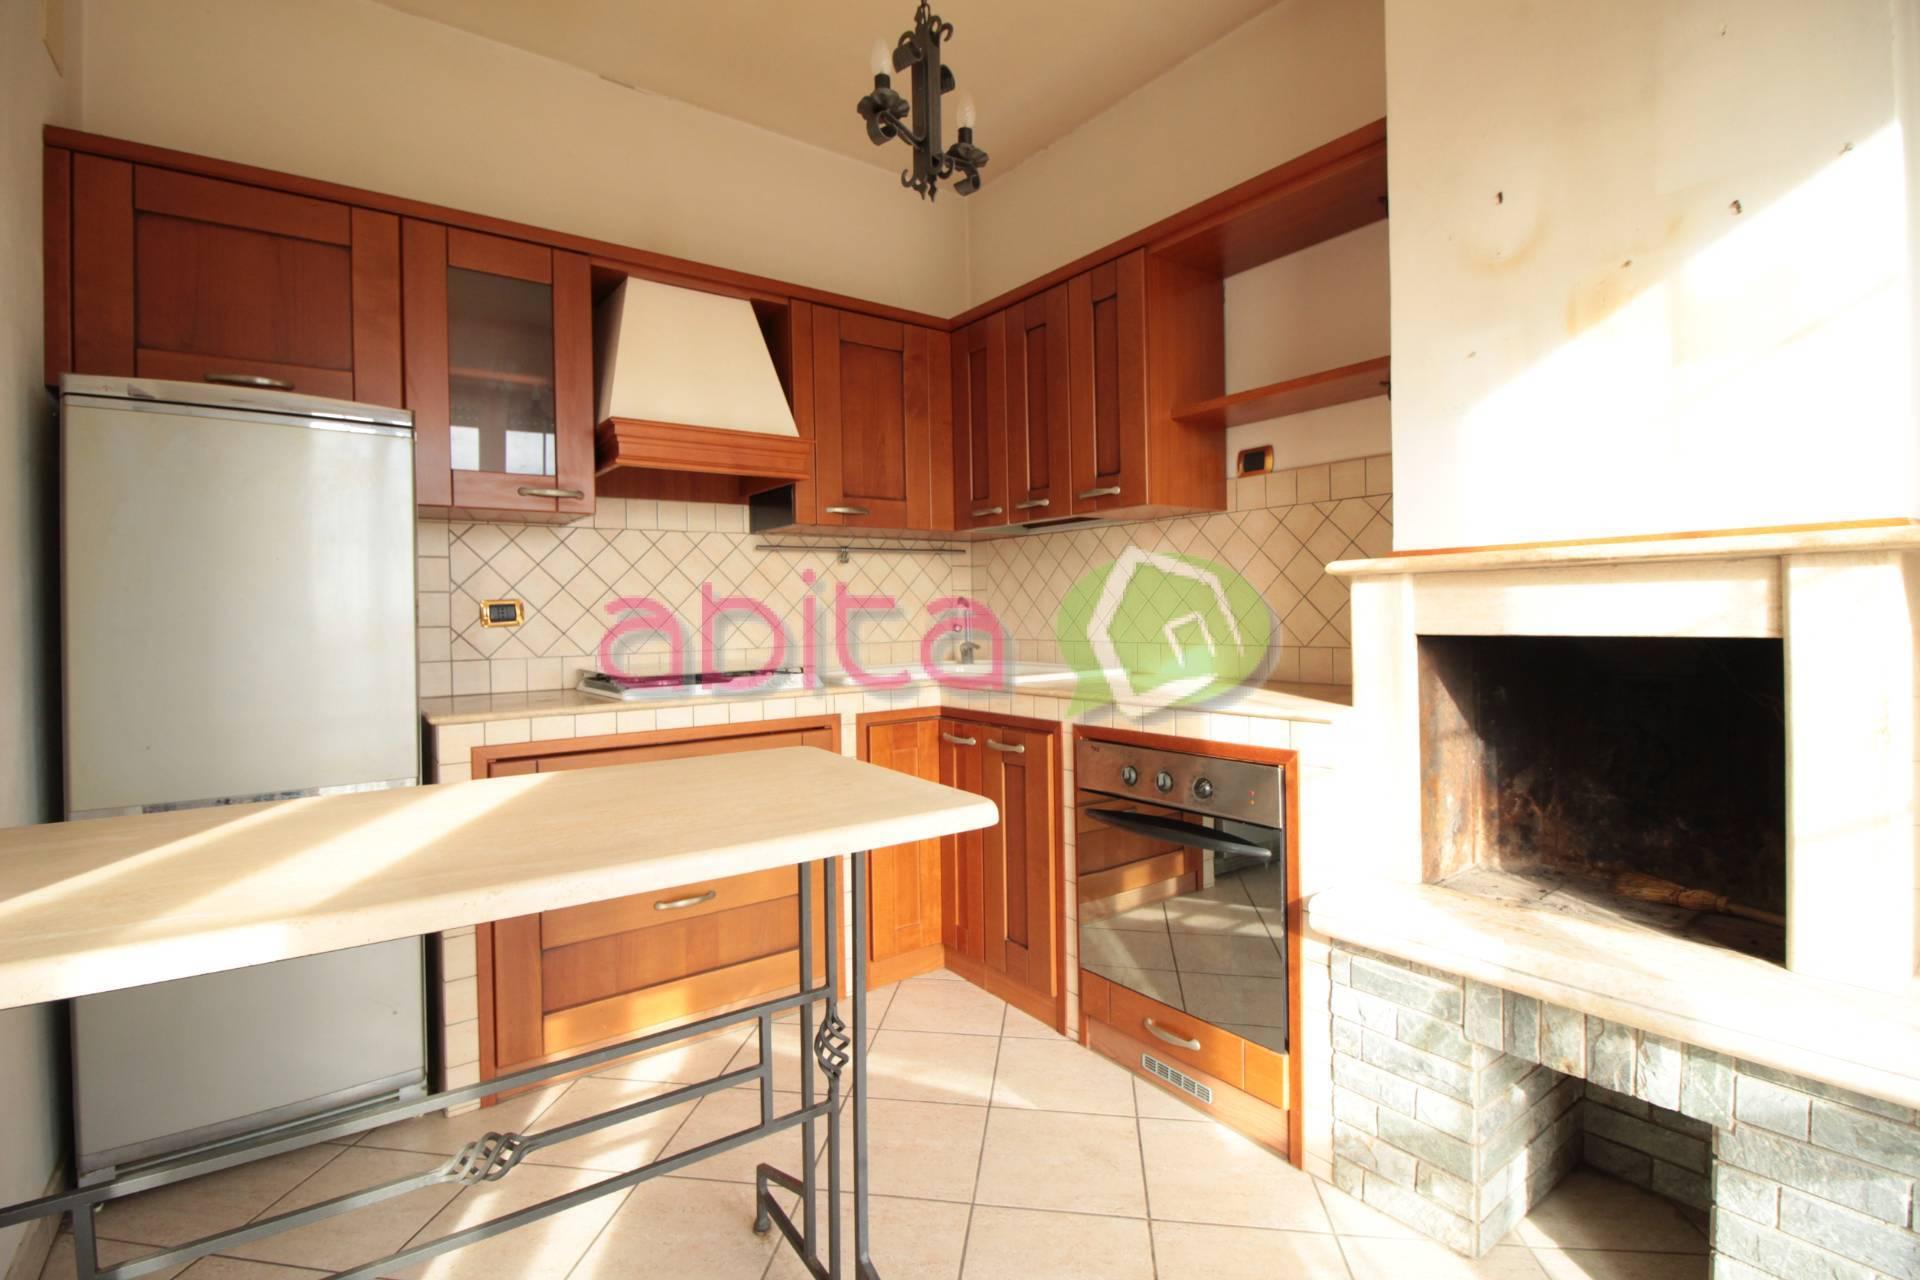 Appartamento in vendita a Spinetoli, 3 locali, prezzo € 59.000 | CambioCasa.it